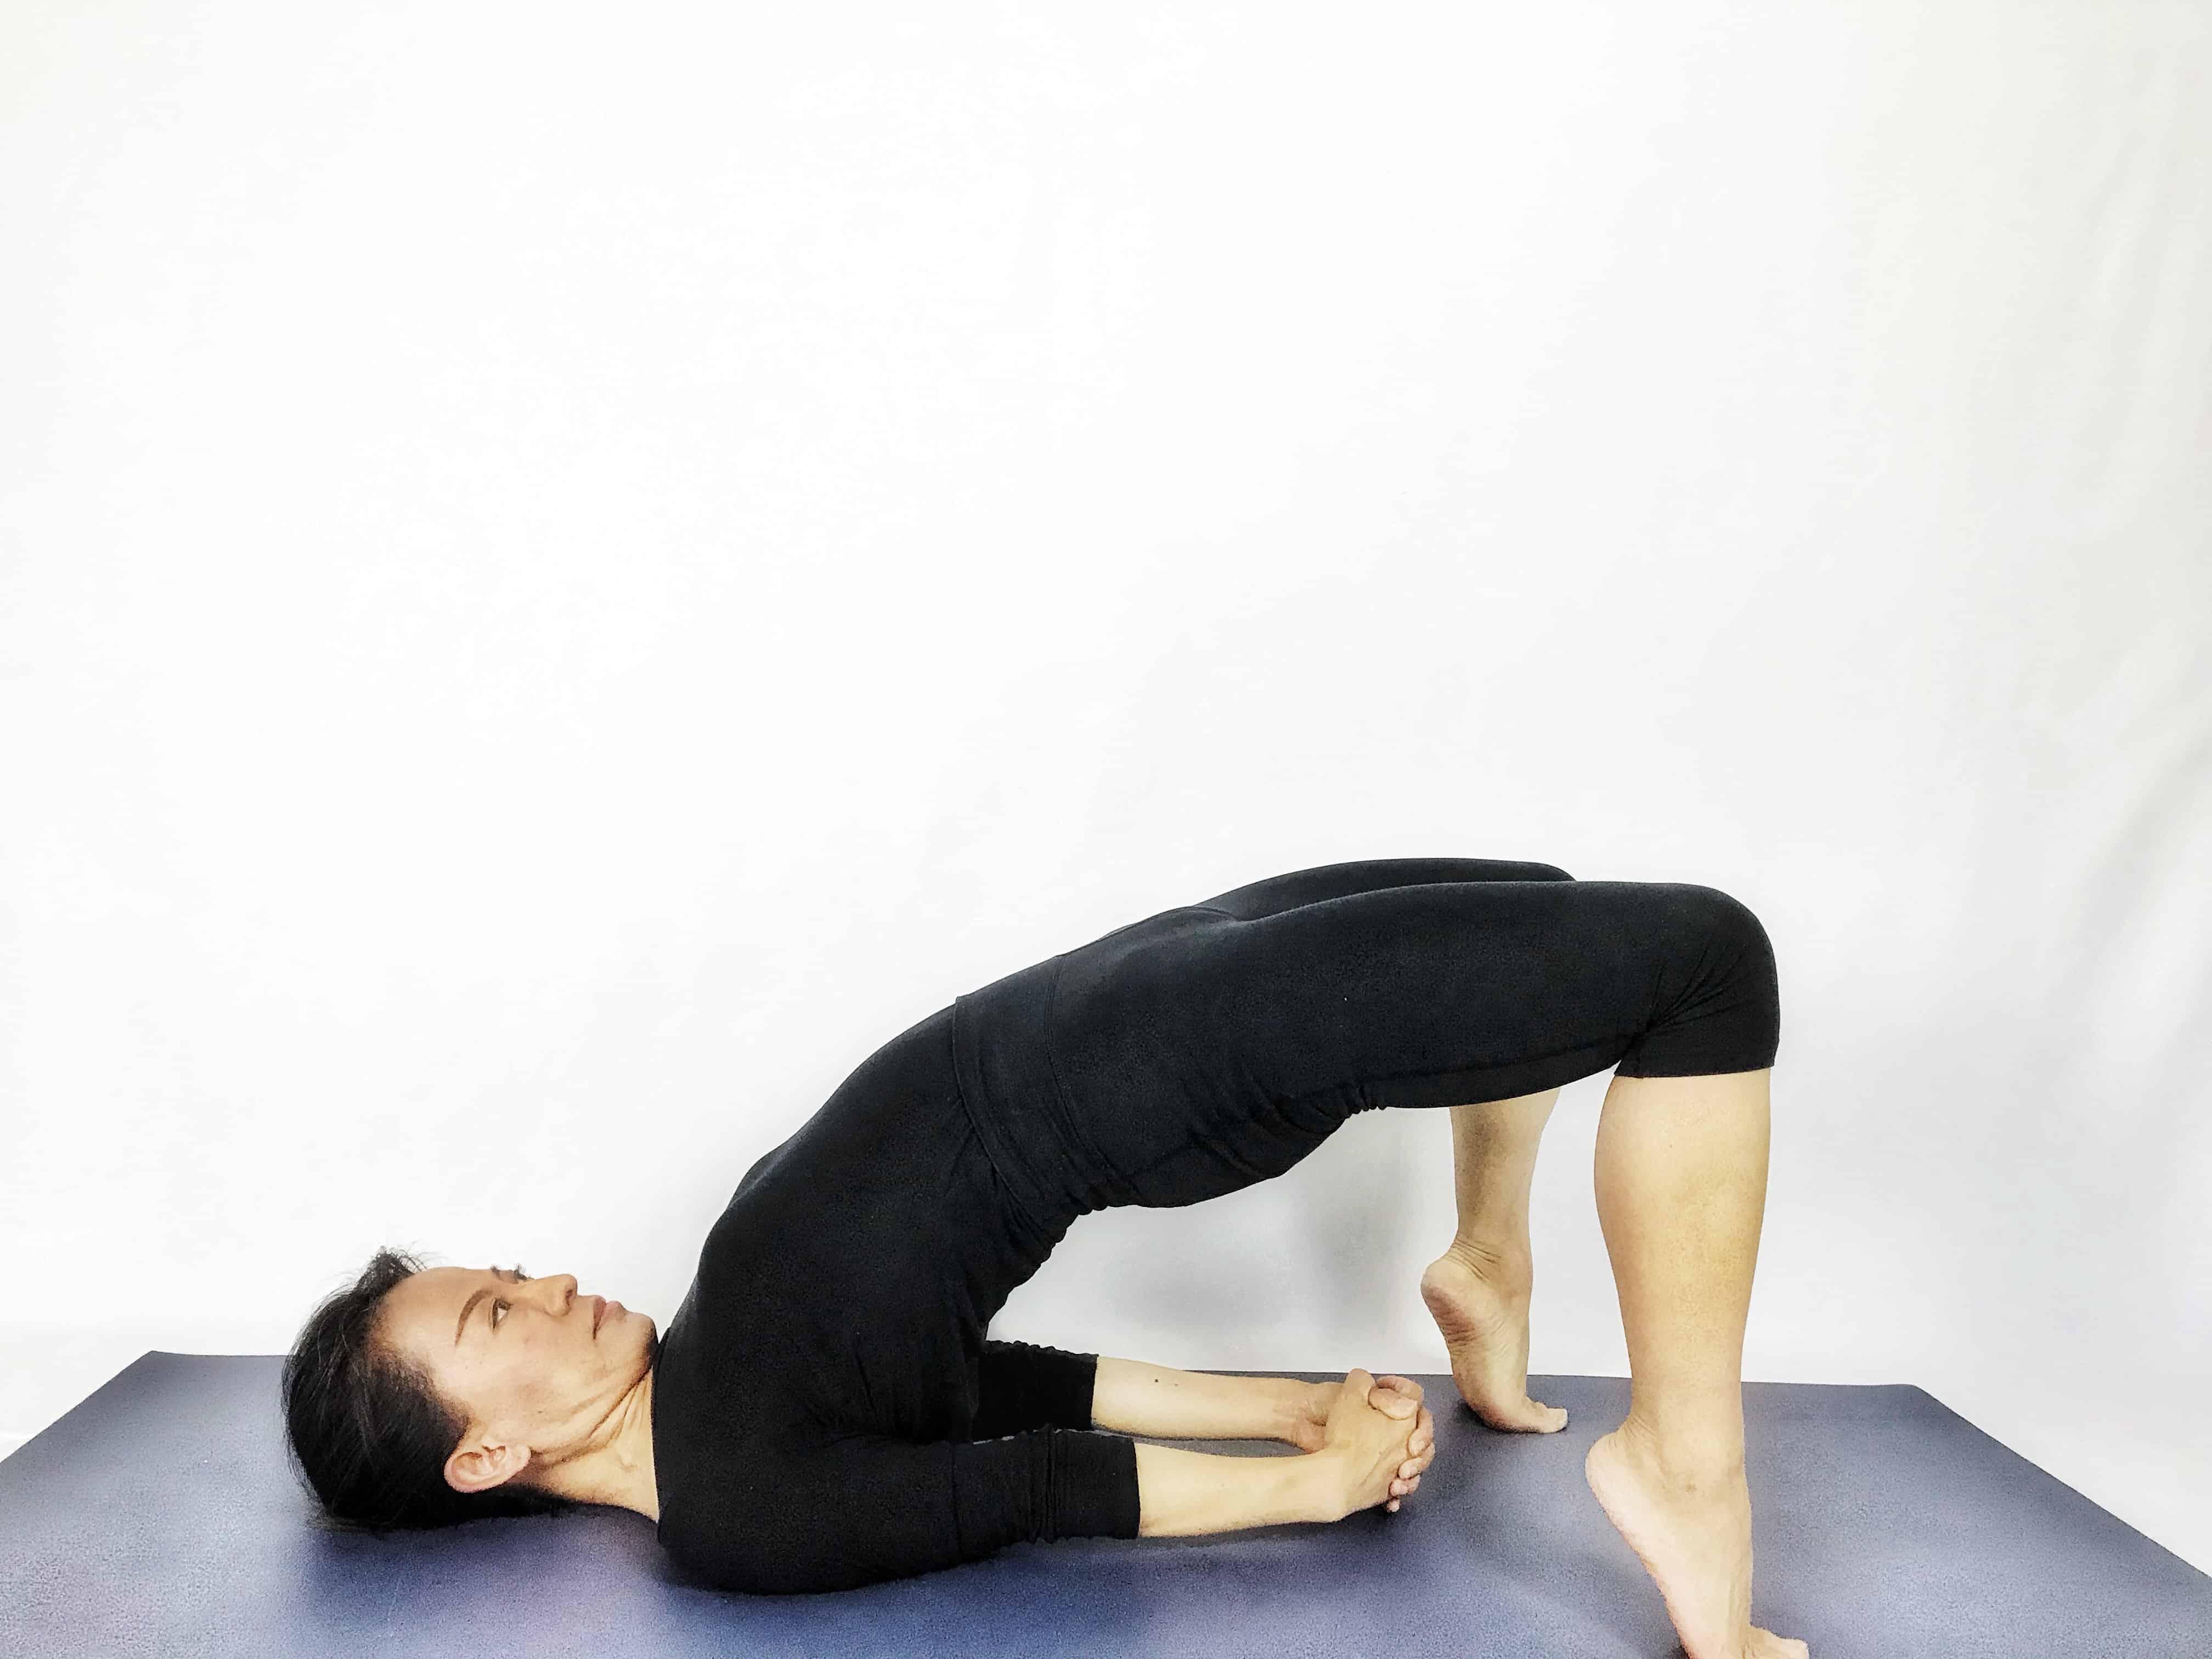 Bridge inversion yoga